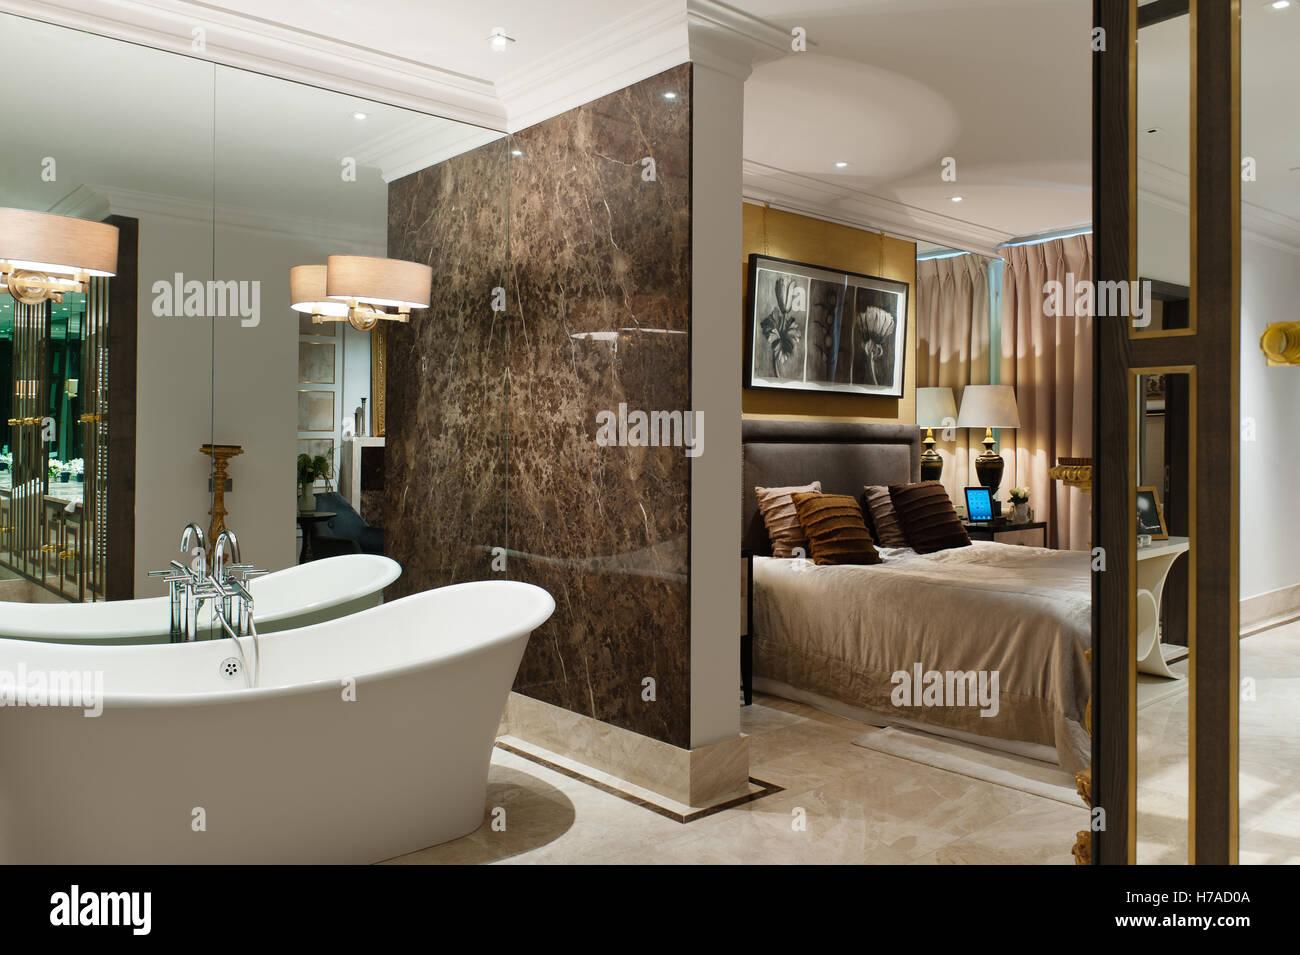 Freistehende Bad Badewanne Mit Marmor Trennwand Zum Schlafzimmer Mit  Doppelbett Im Königreich Nach Hause